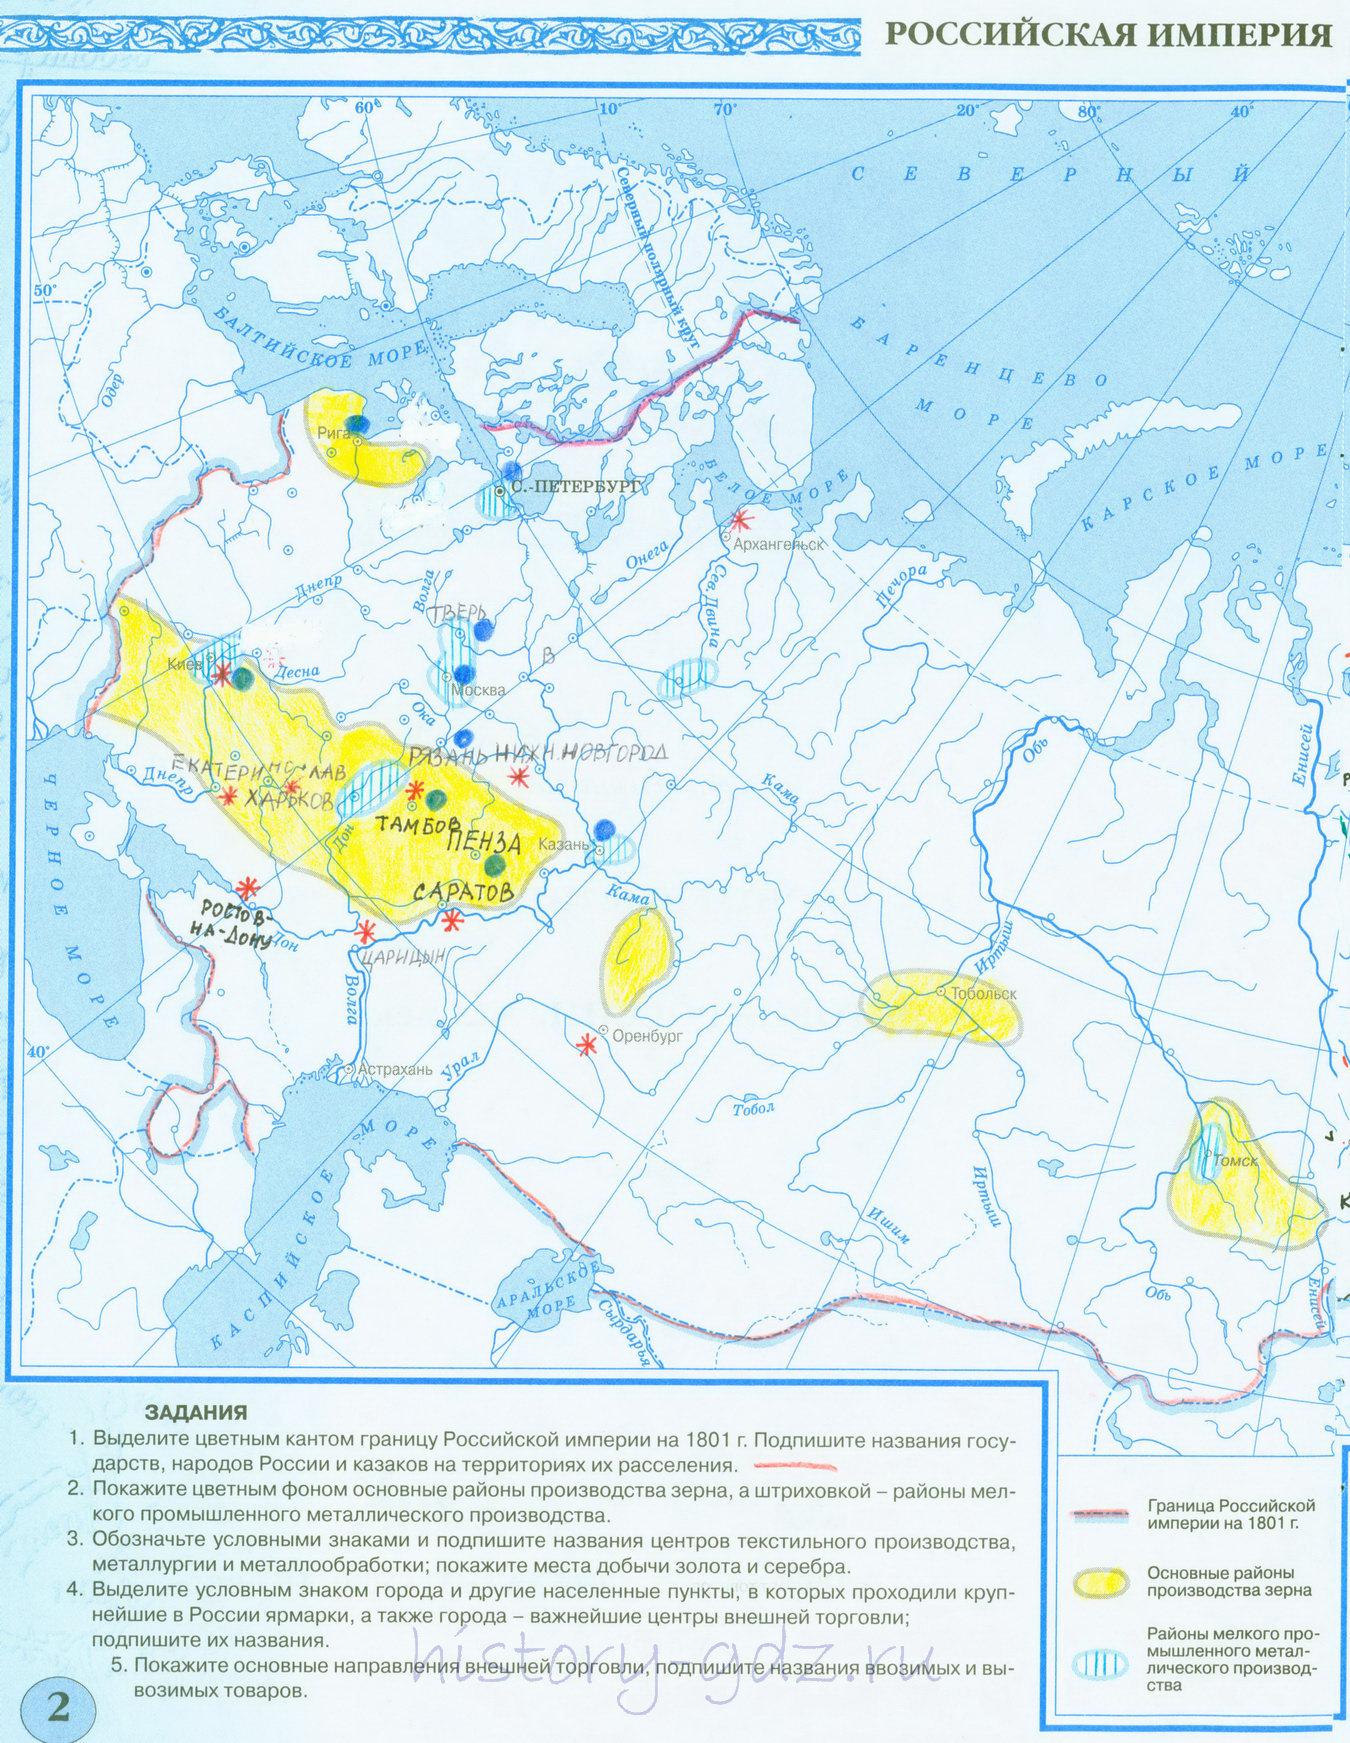 Гдз на конурную карту по истории россии 19 в 8 класс